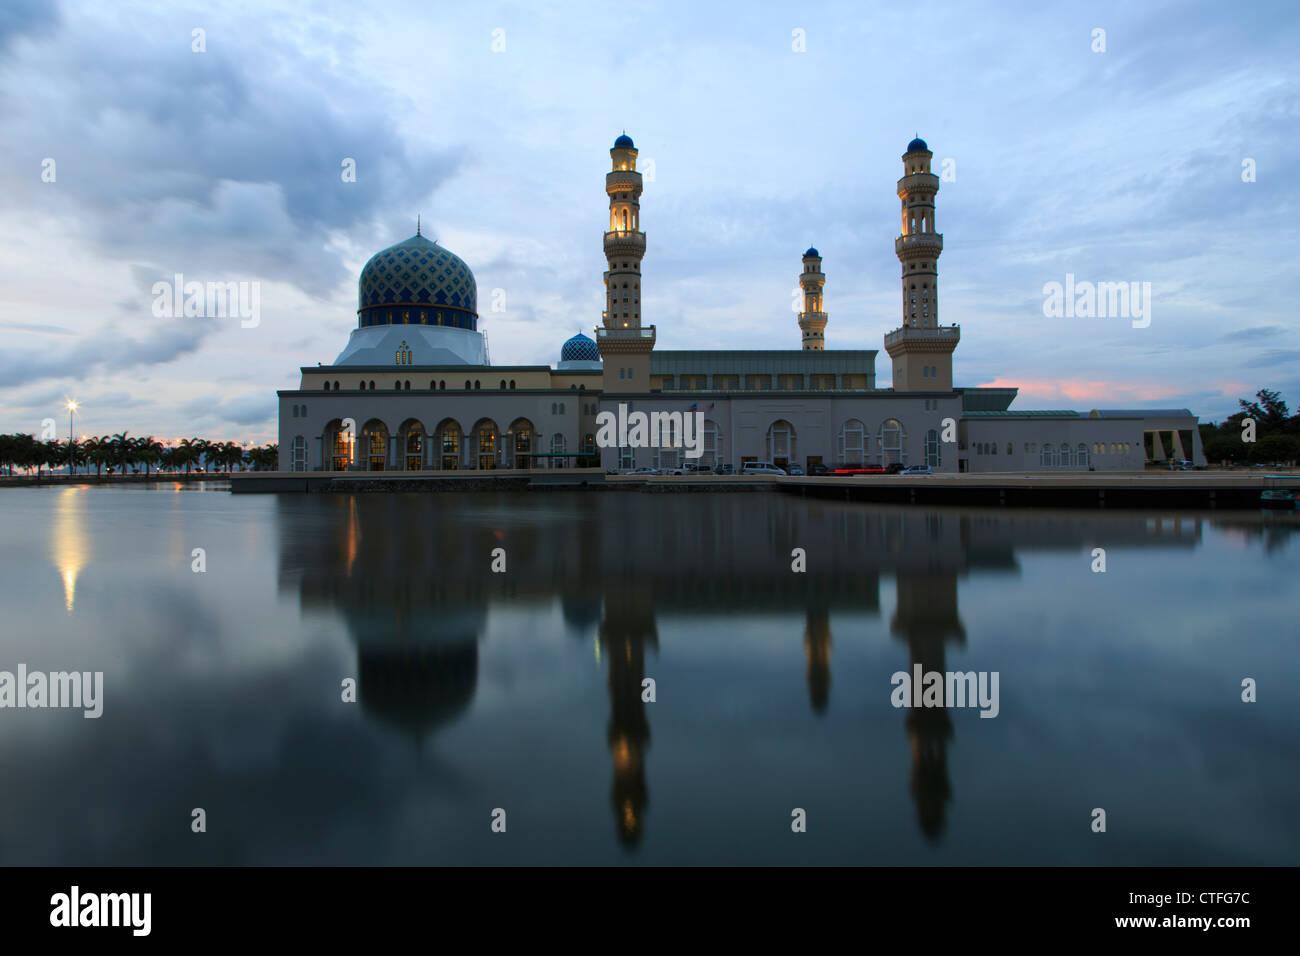 City mosque in Kota Kinabalu, Sabah, Borneo, Malaysia - Stock Image